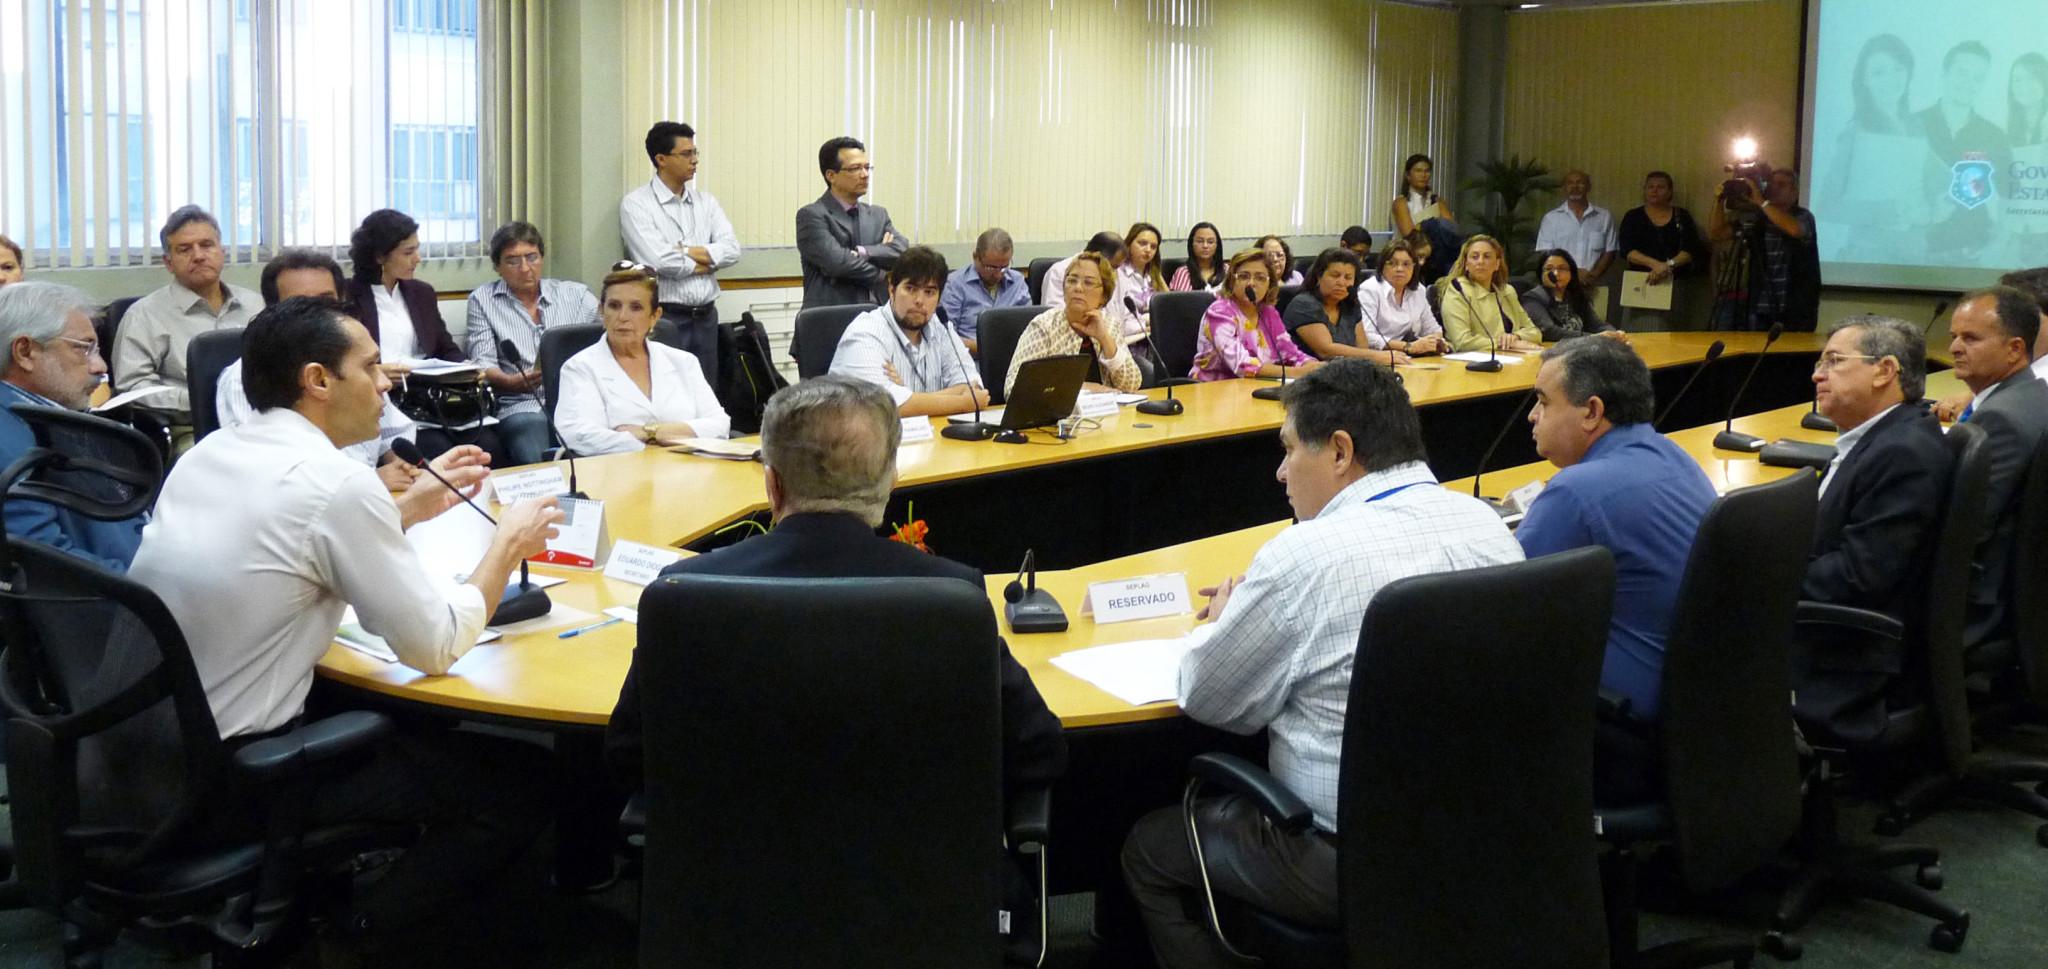 21-09-2011 - Programa de Estágio do Governo do Ceará - Sala de Reunião (2)